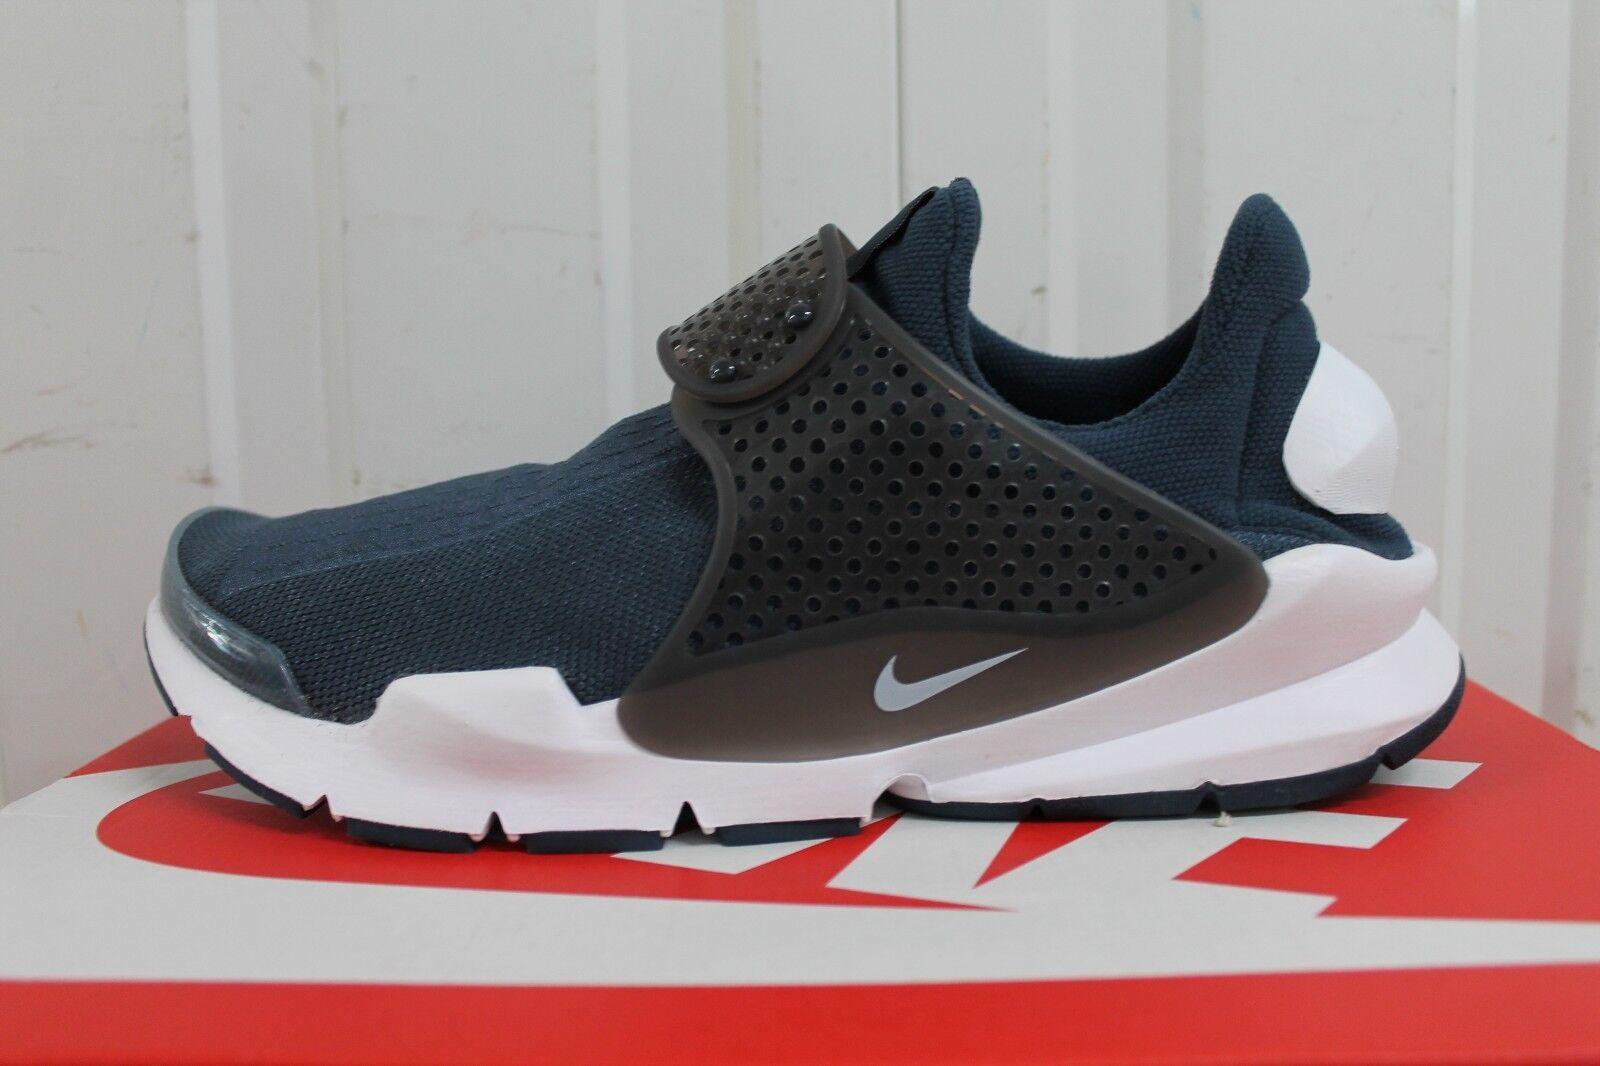 Hombres, S Nike Calcetín Dart kjcrd escuadrón azul y Antracita Caja 819686404 Nuevo Y En Caja Antracita 20 ea21f9